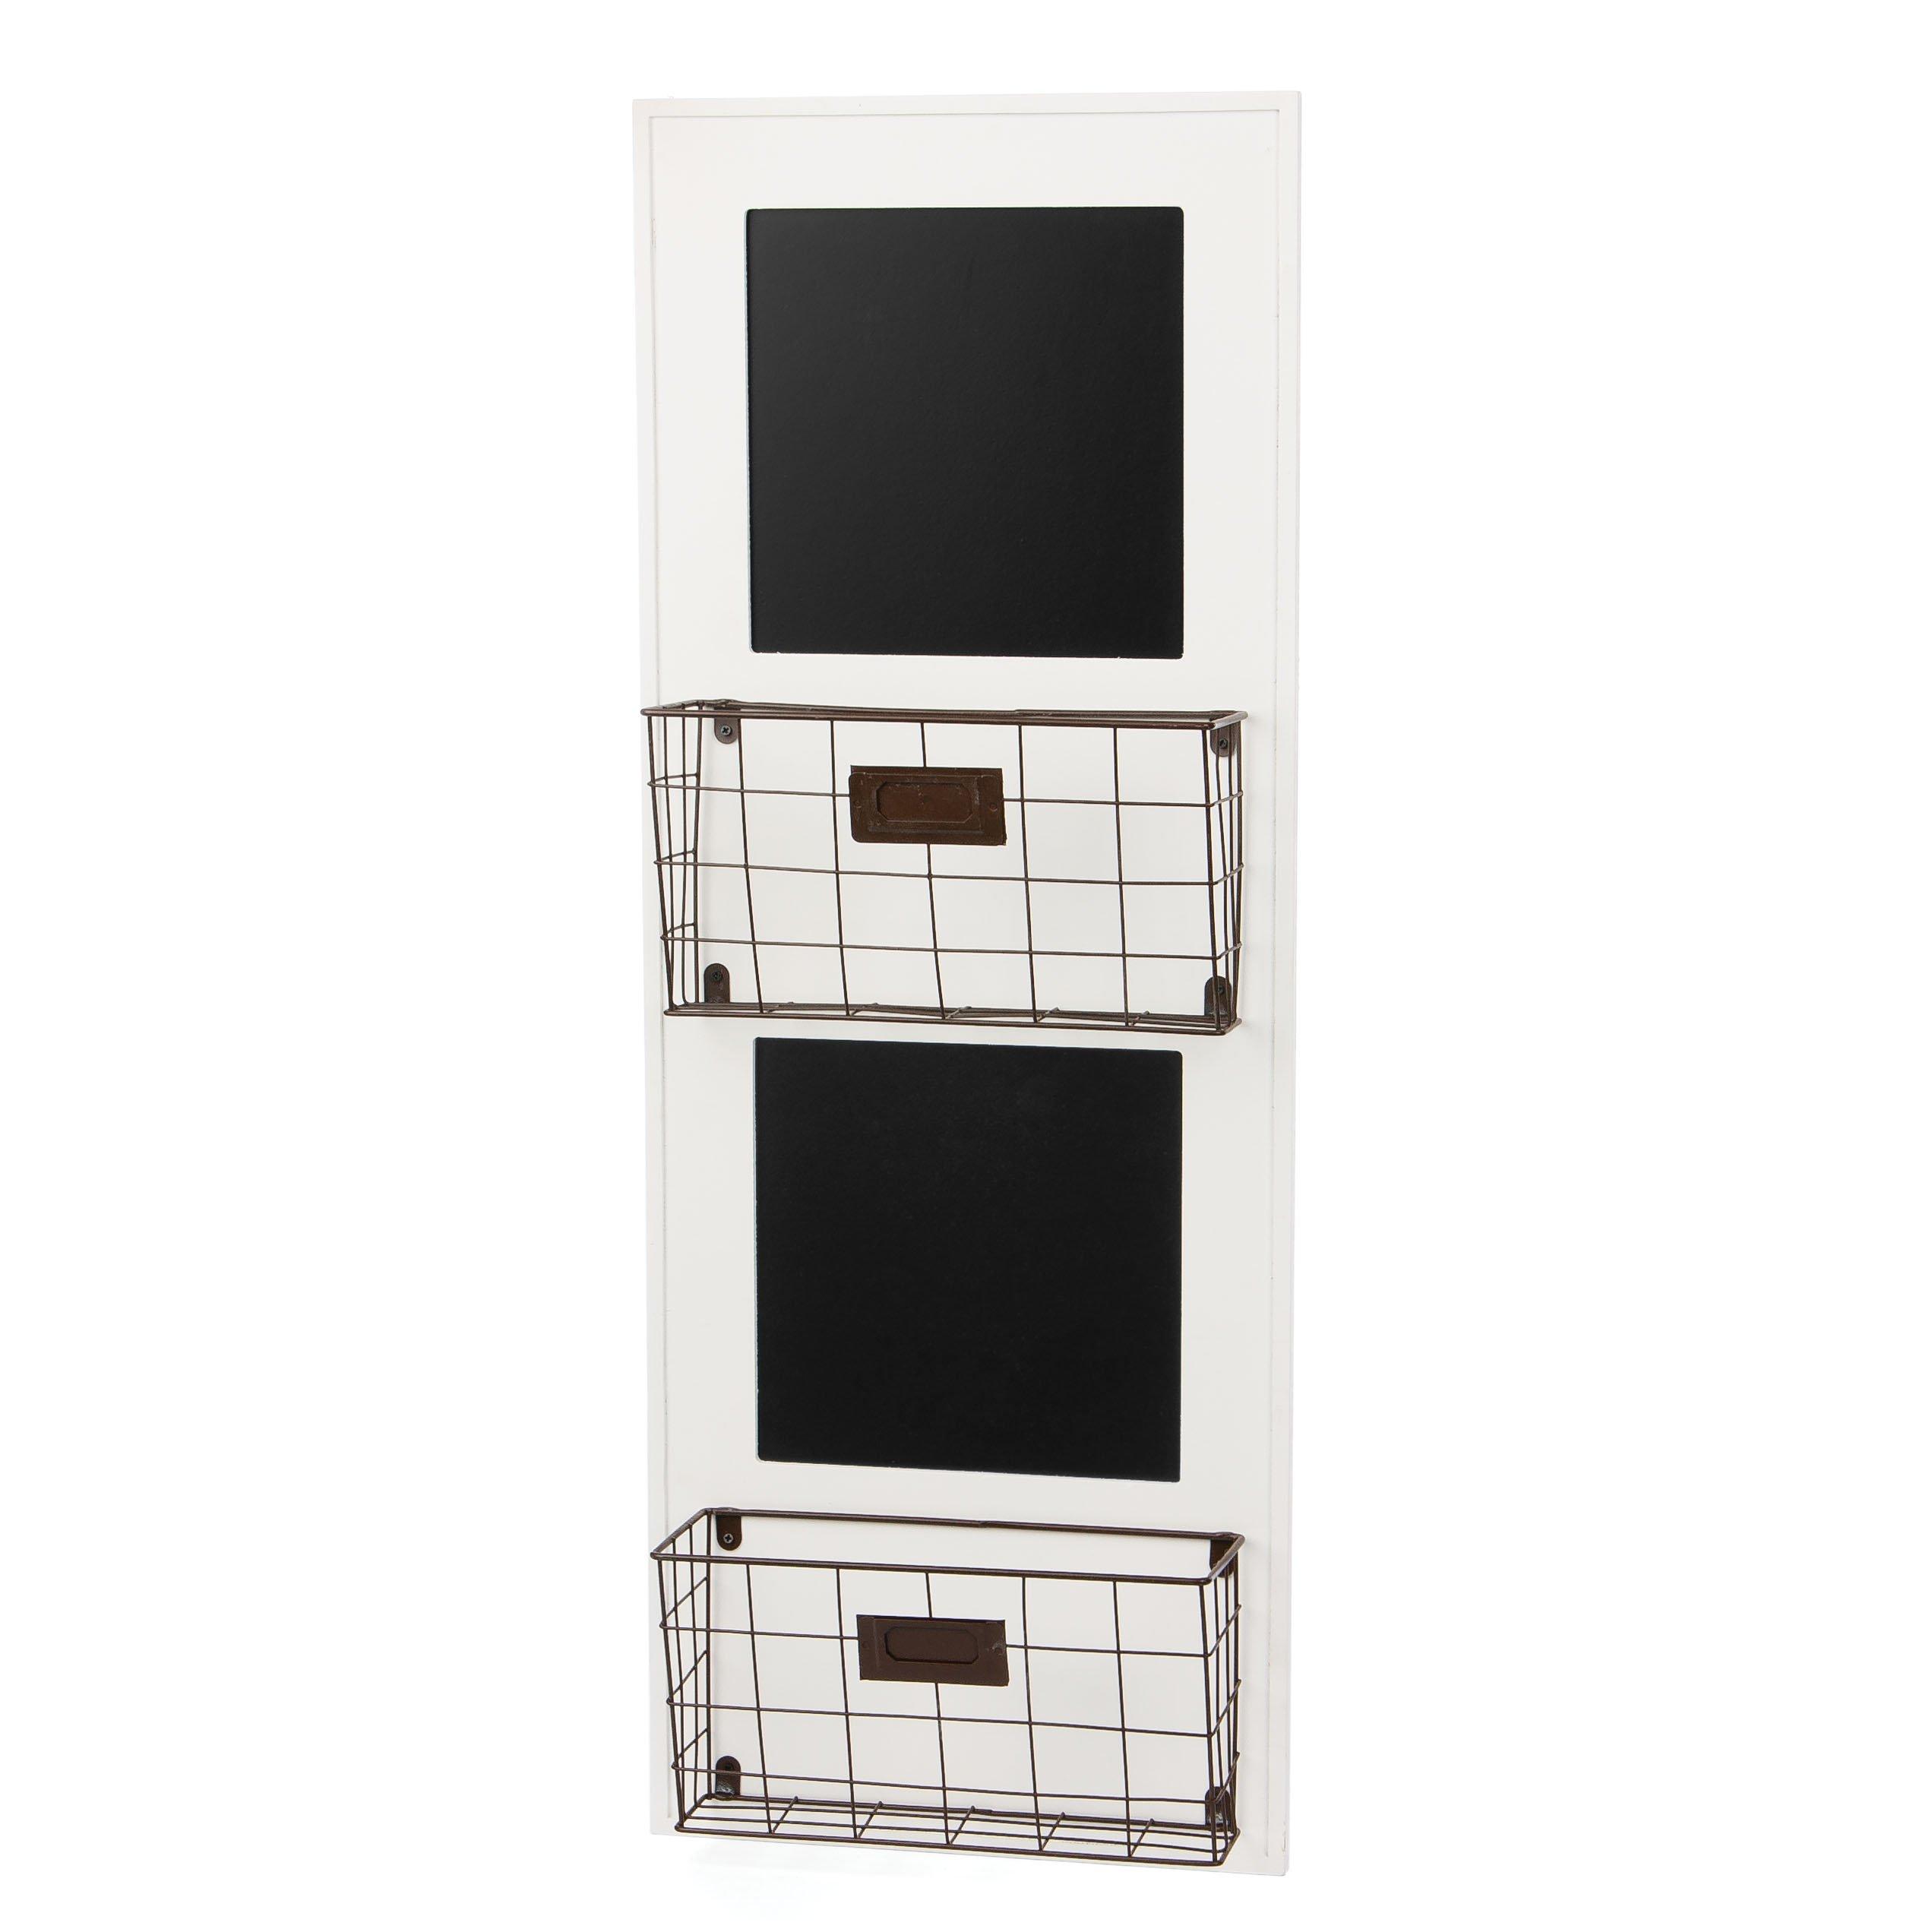 Skalny White Rectangle Wood Wall Storage Unit with Chalkboard, 11.75'' x 4'' x 31.5''